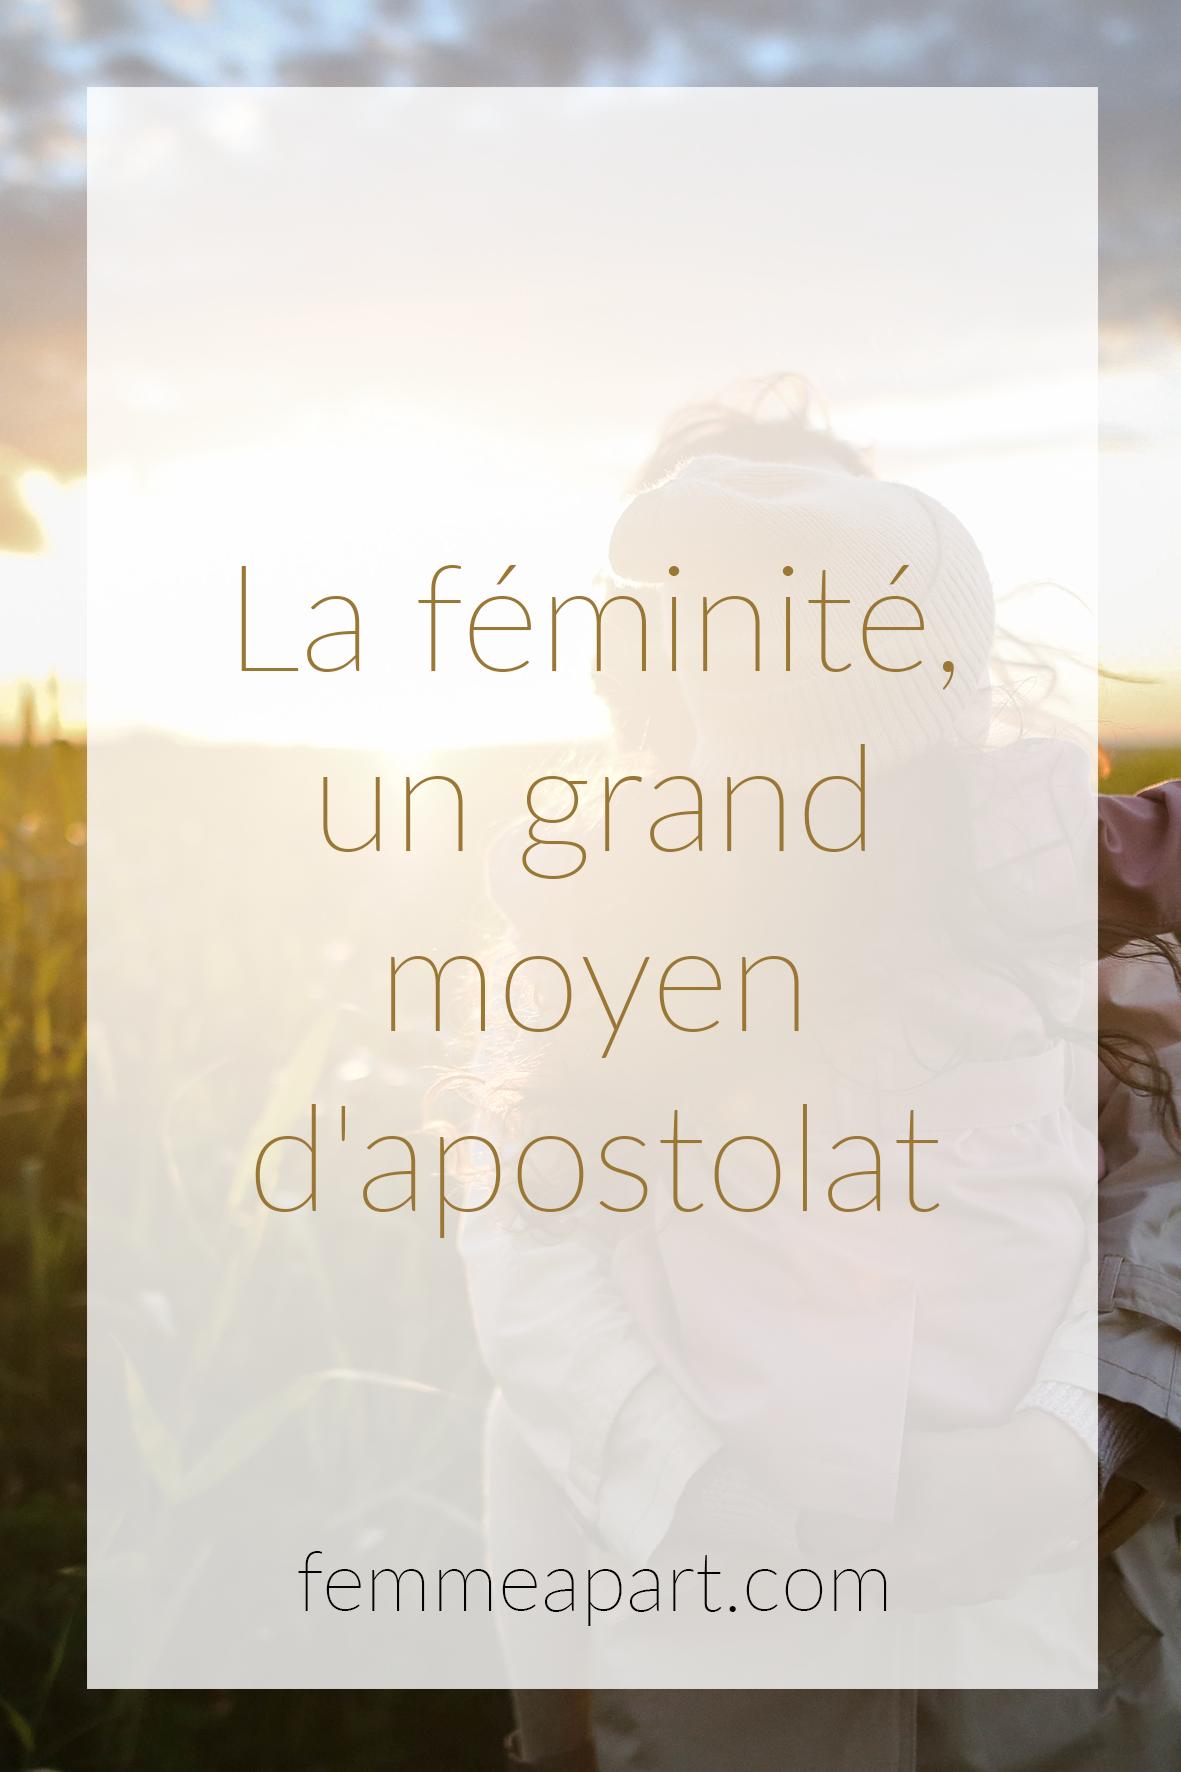 Feminite apostolat